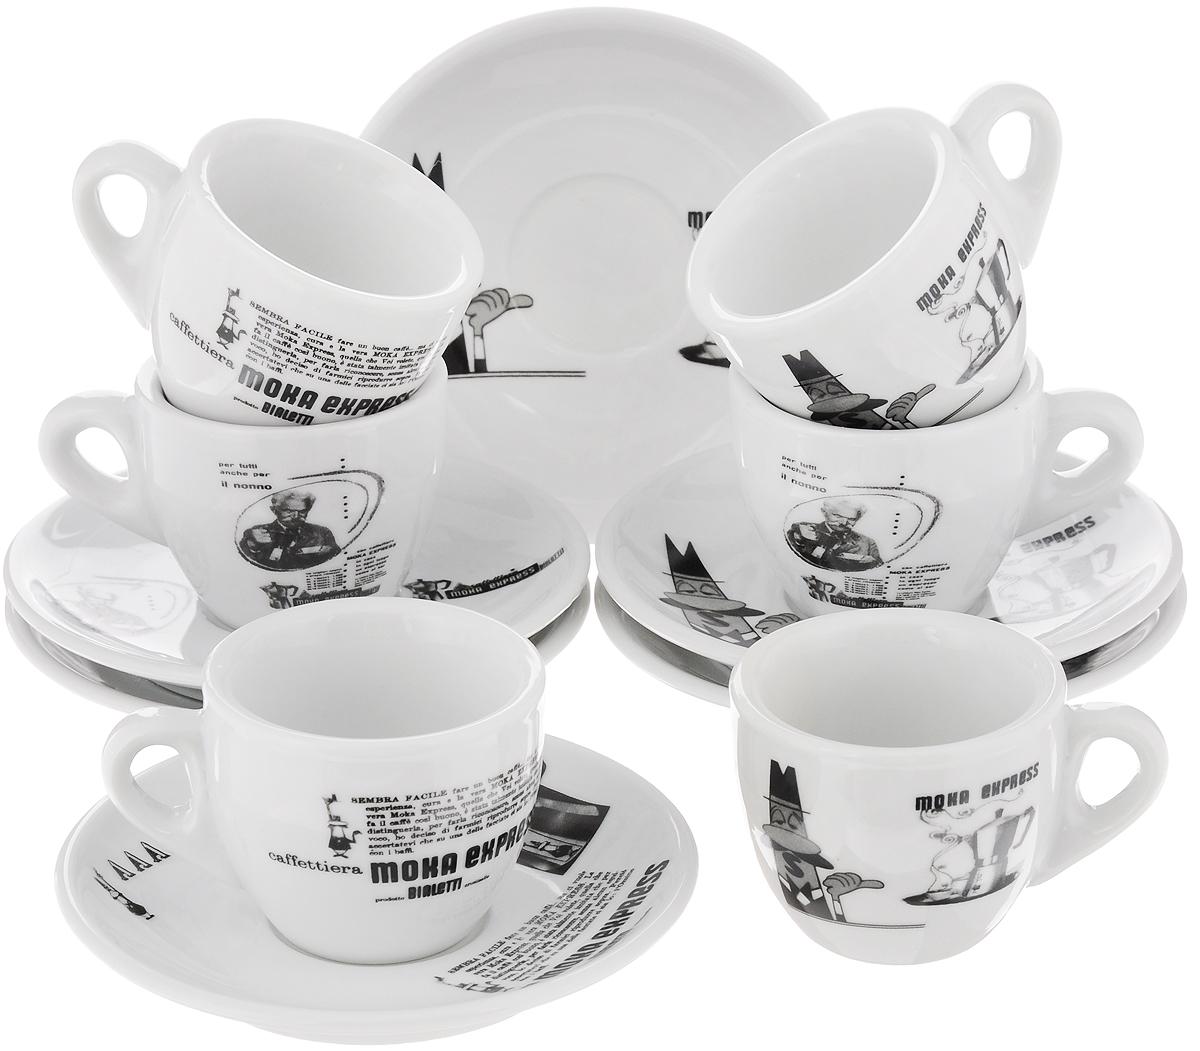 Кофейный набор Bialetti Carosello, 12 предметов133Кофейный набор Bialetti Carosello, изготовленный из высококачественной керамики, состоит из 6 чашек и 6 блюдец. Внешние стенки изделий выполнены в стиле ретро. Такой набор прекрасно подойдет как для повседневного использования, так и для праздников. Кофейный набор Bialetti Carosello - это не только яркий и полезный подарок для родных и близких, а также великолепное решение для вашей кухни или столовой. Можно мыть в посудомоечной машине. Объем чашки: 60 мл. Диаметр чашки (по верхнему краю): 6,5 см.Высота чашки: 5 см.Диаметр блюдца (по верхнему краю): 12 см.Высота блюдца: 1,5 см.